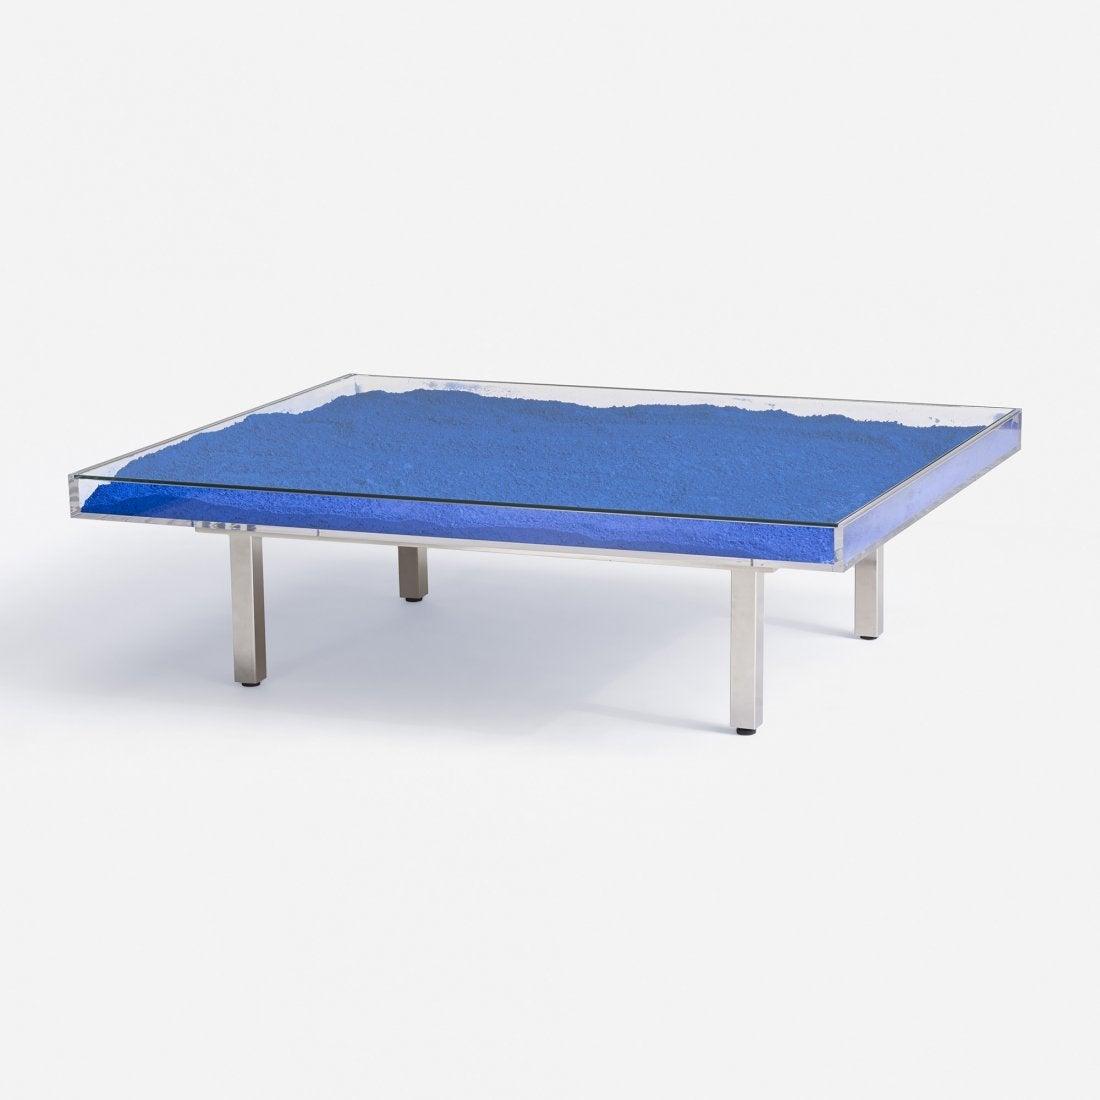 klein blue table by yves klein